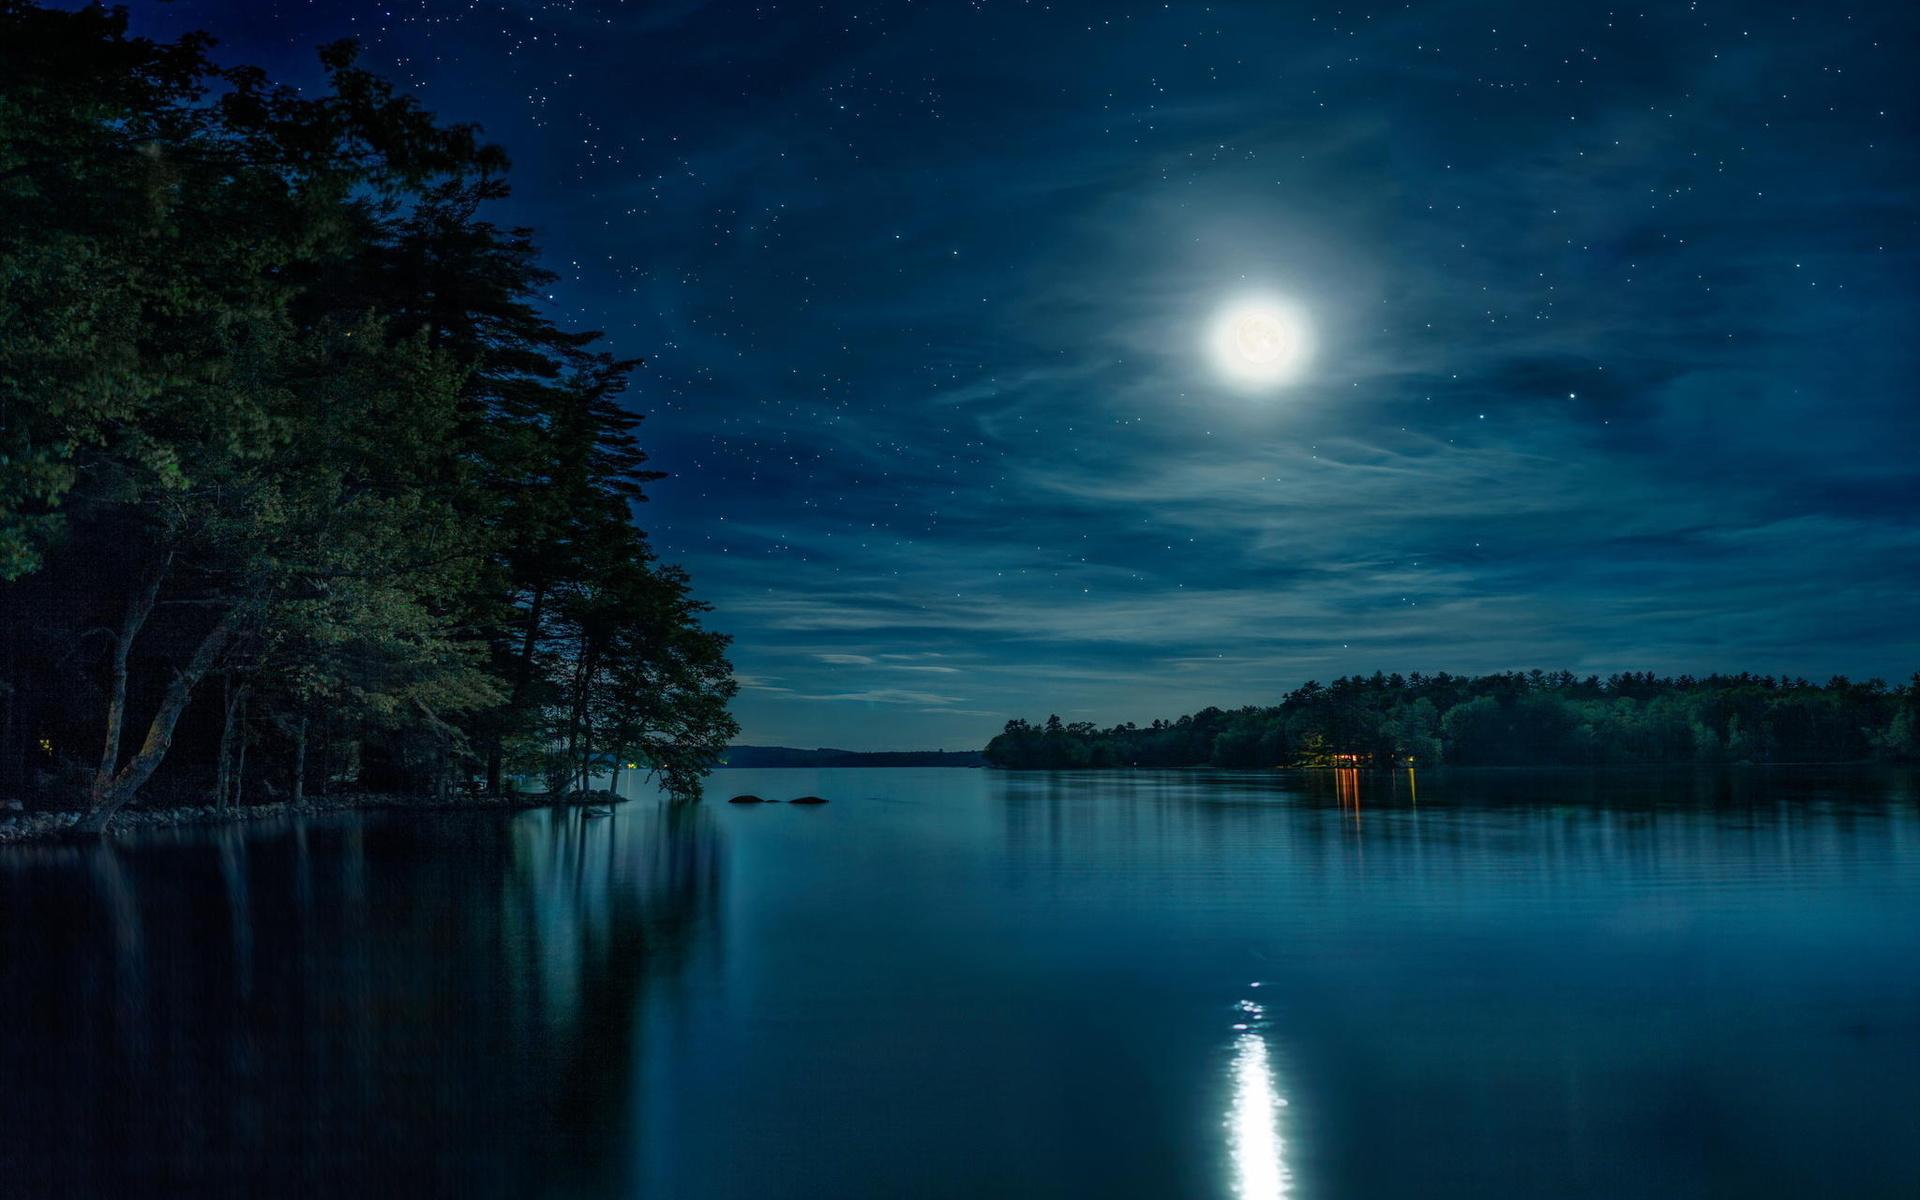 картинки лесное озеро ночью мне попала